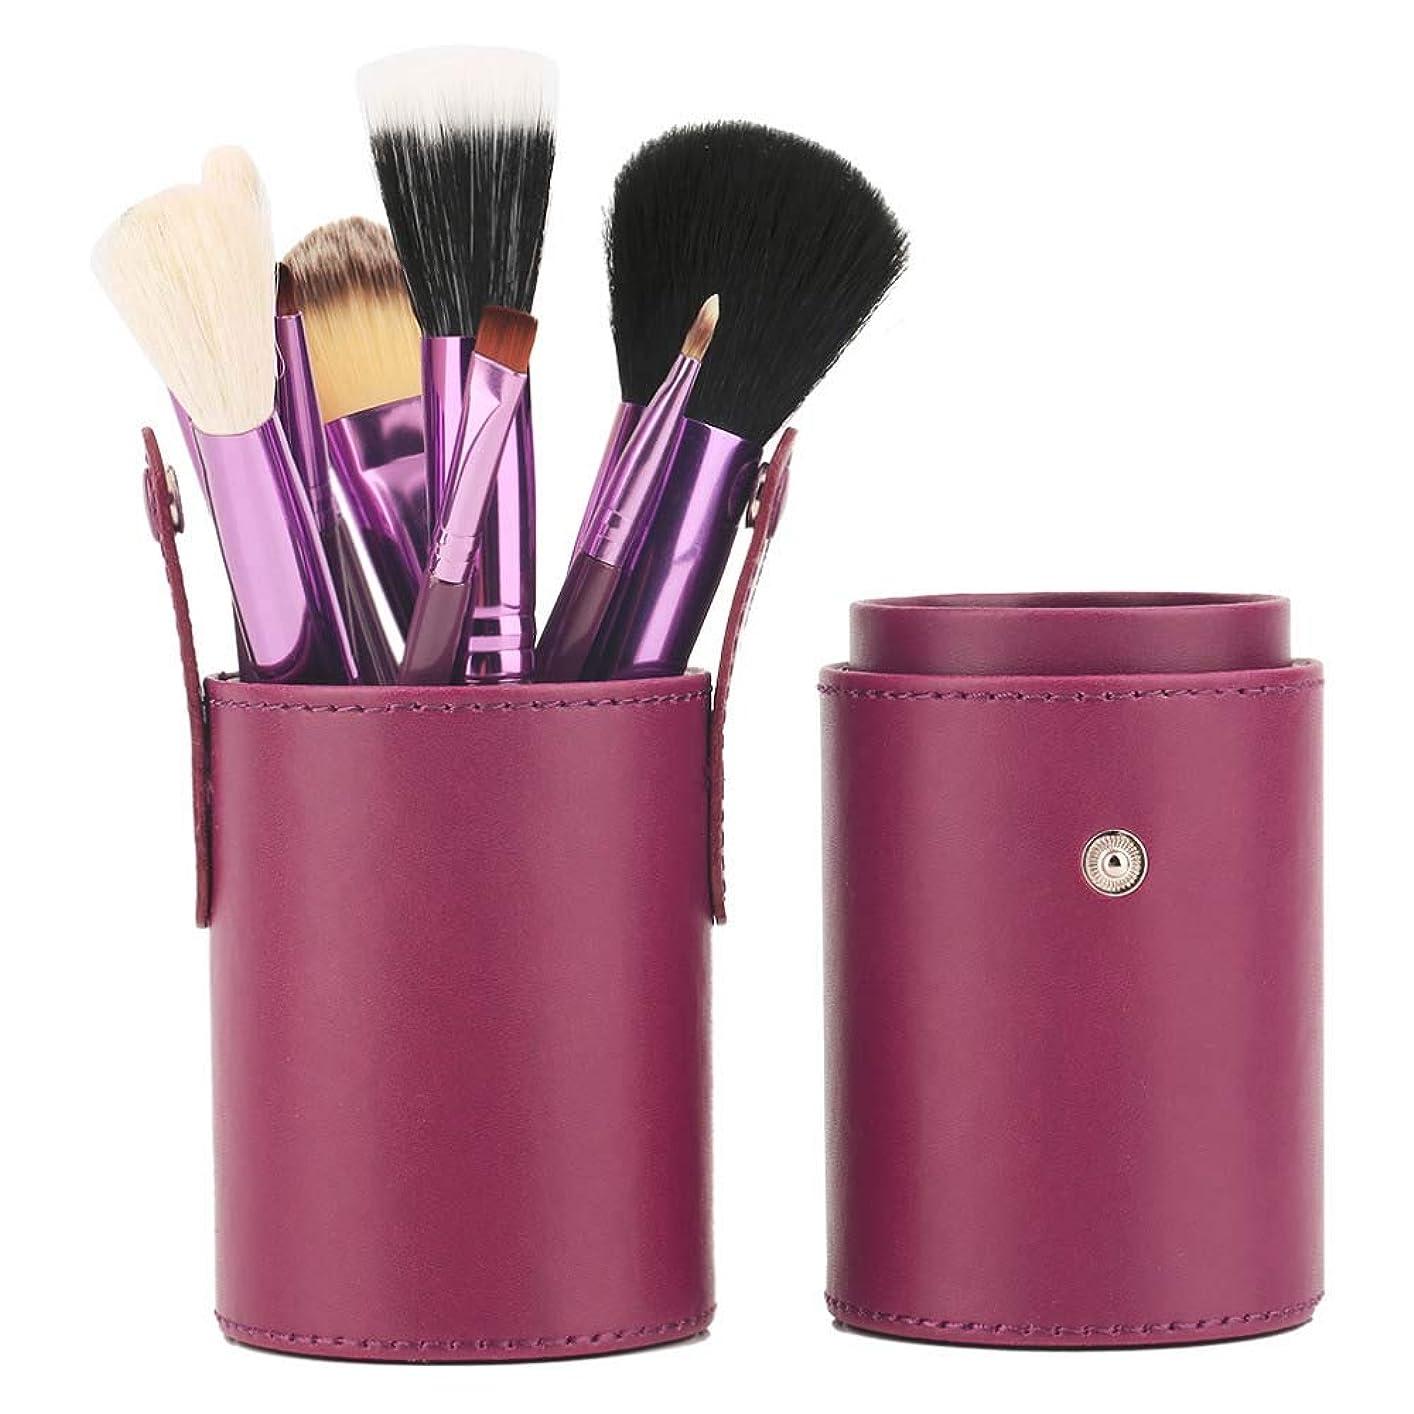 従事するまもなく秘書高品質プロフェッショナル12化粧ブラシセット化粧ブラシ,Purple